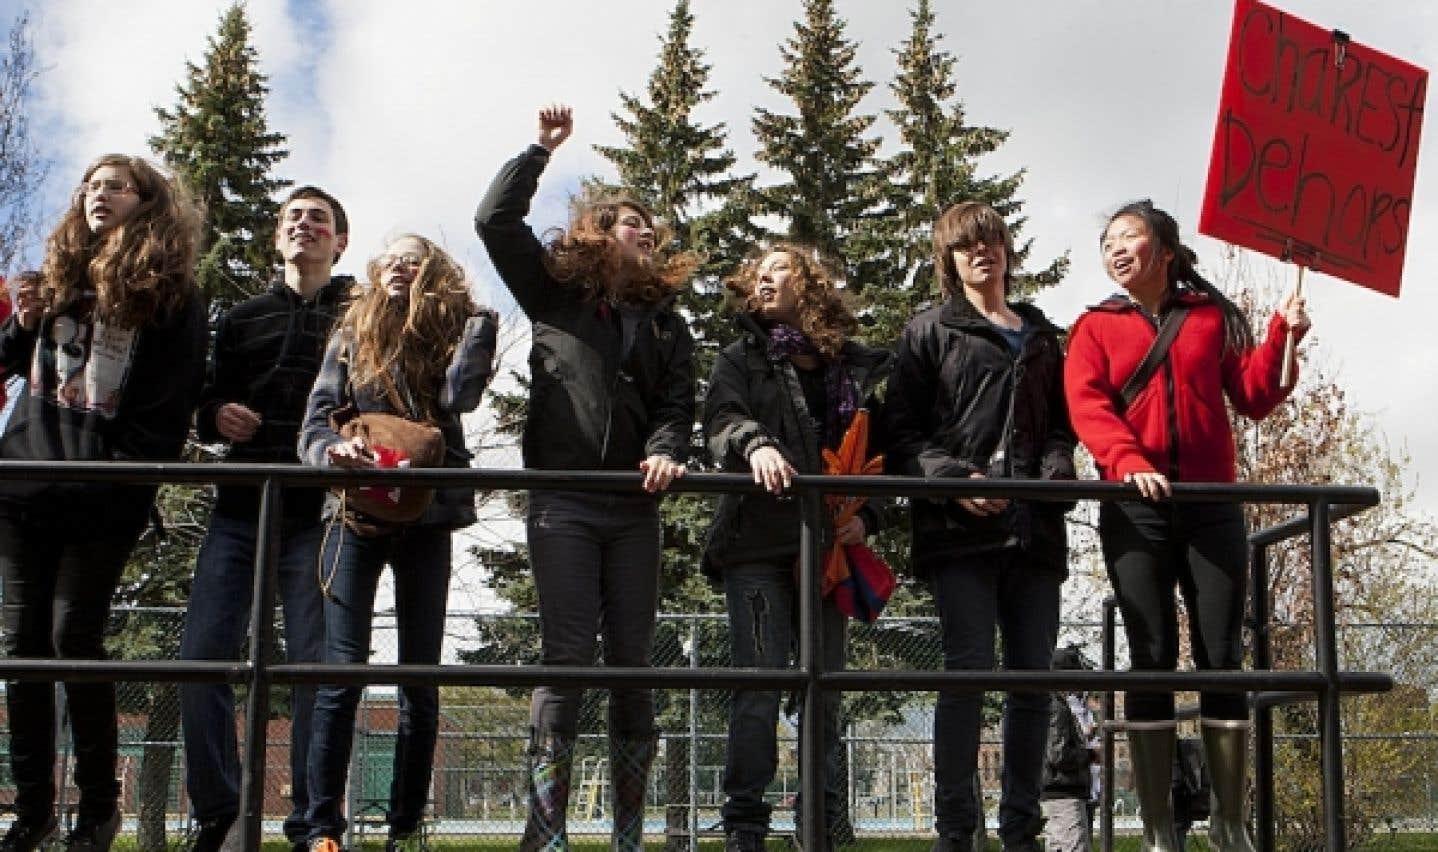 Piquets de grève dans trois écoles secondaires